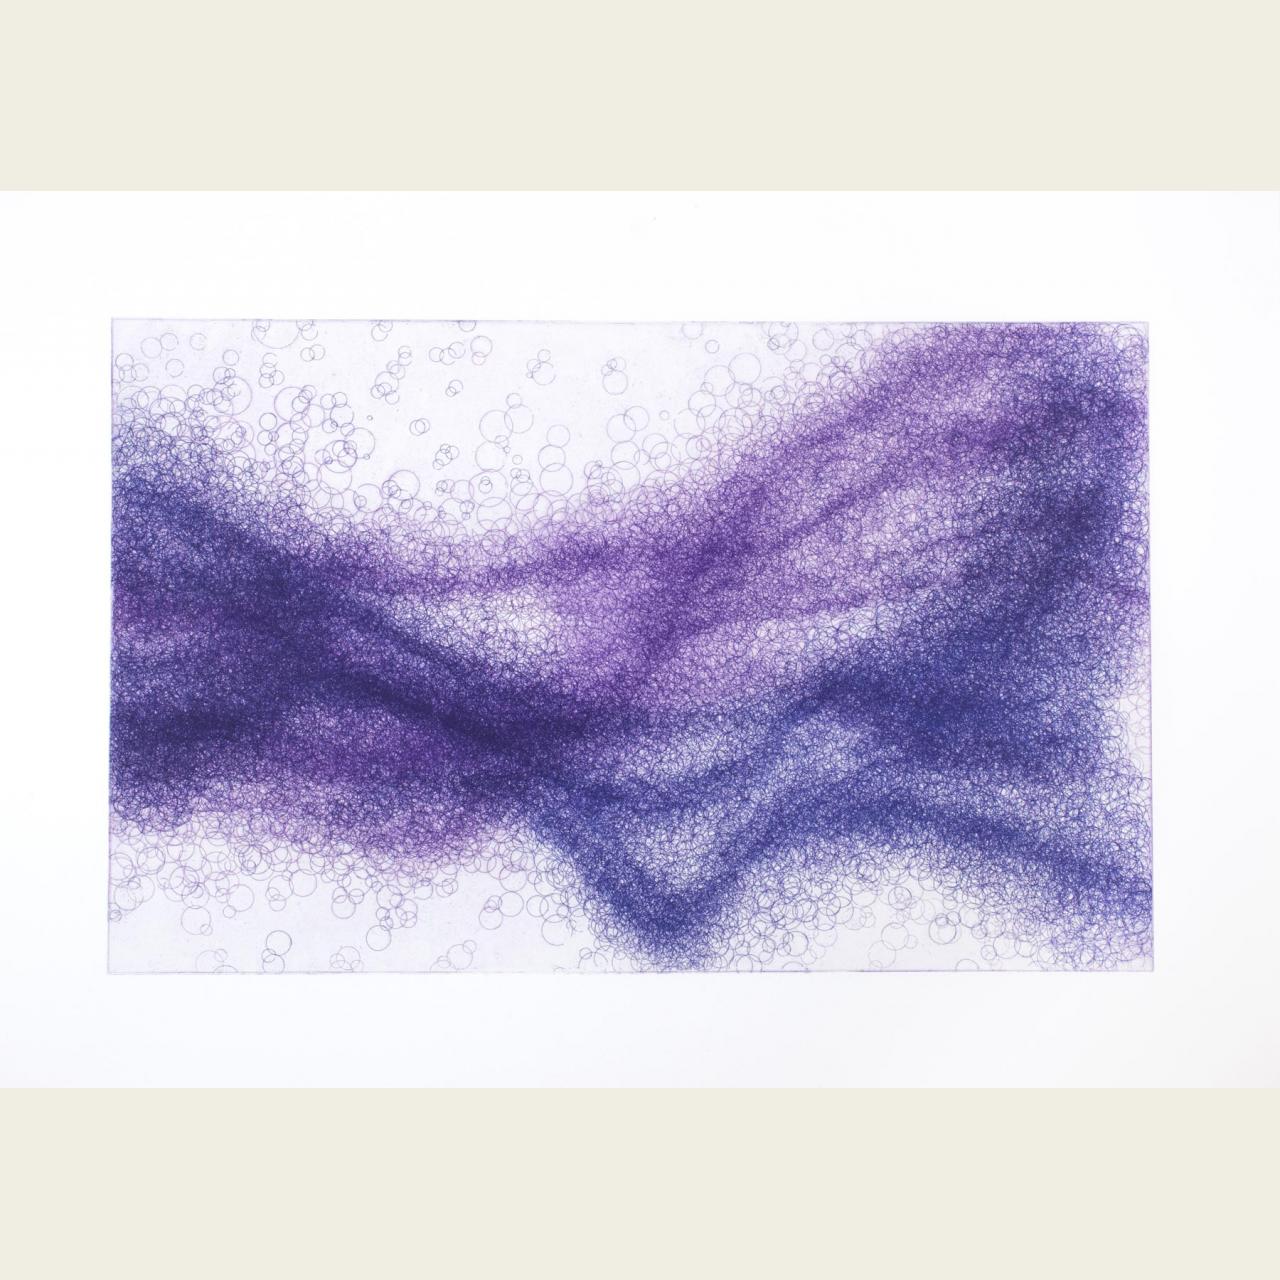 untitled/47964 circles no 18